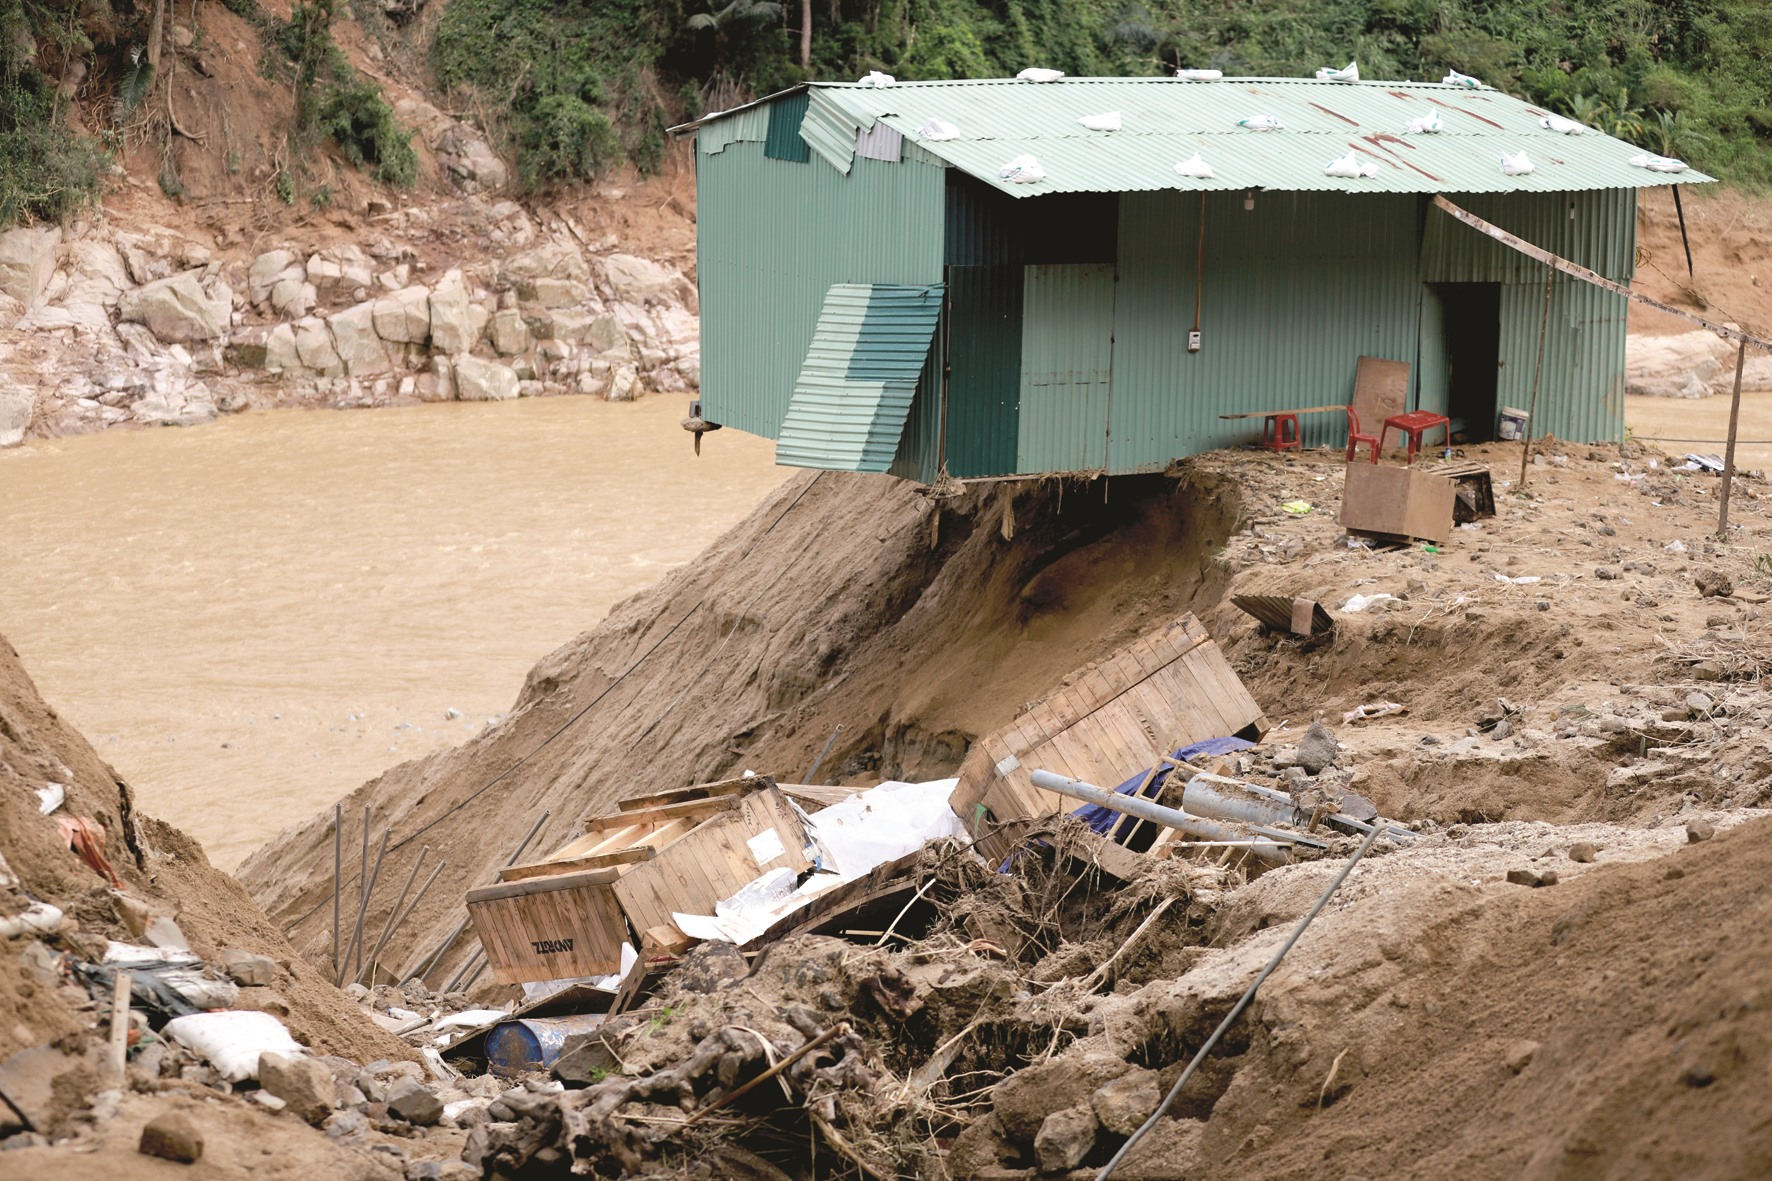 Một ngôi nhà bên sông ở xã Phước Công (Phước Sơn) đứng trước nguy cơ đổ sập sau lũ quét.Ảnh: T.C